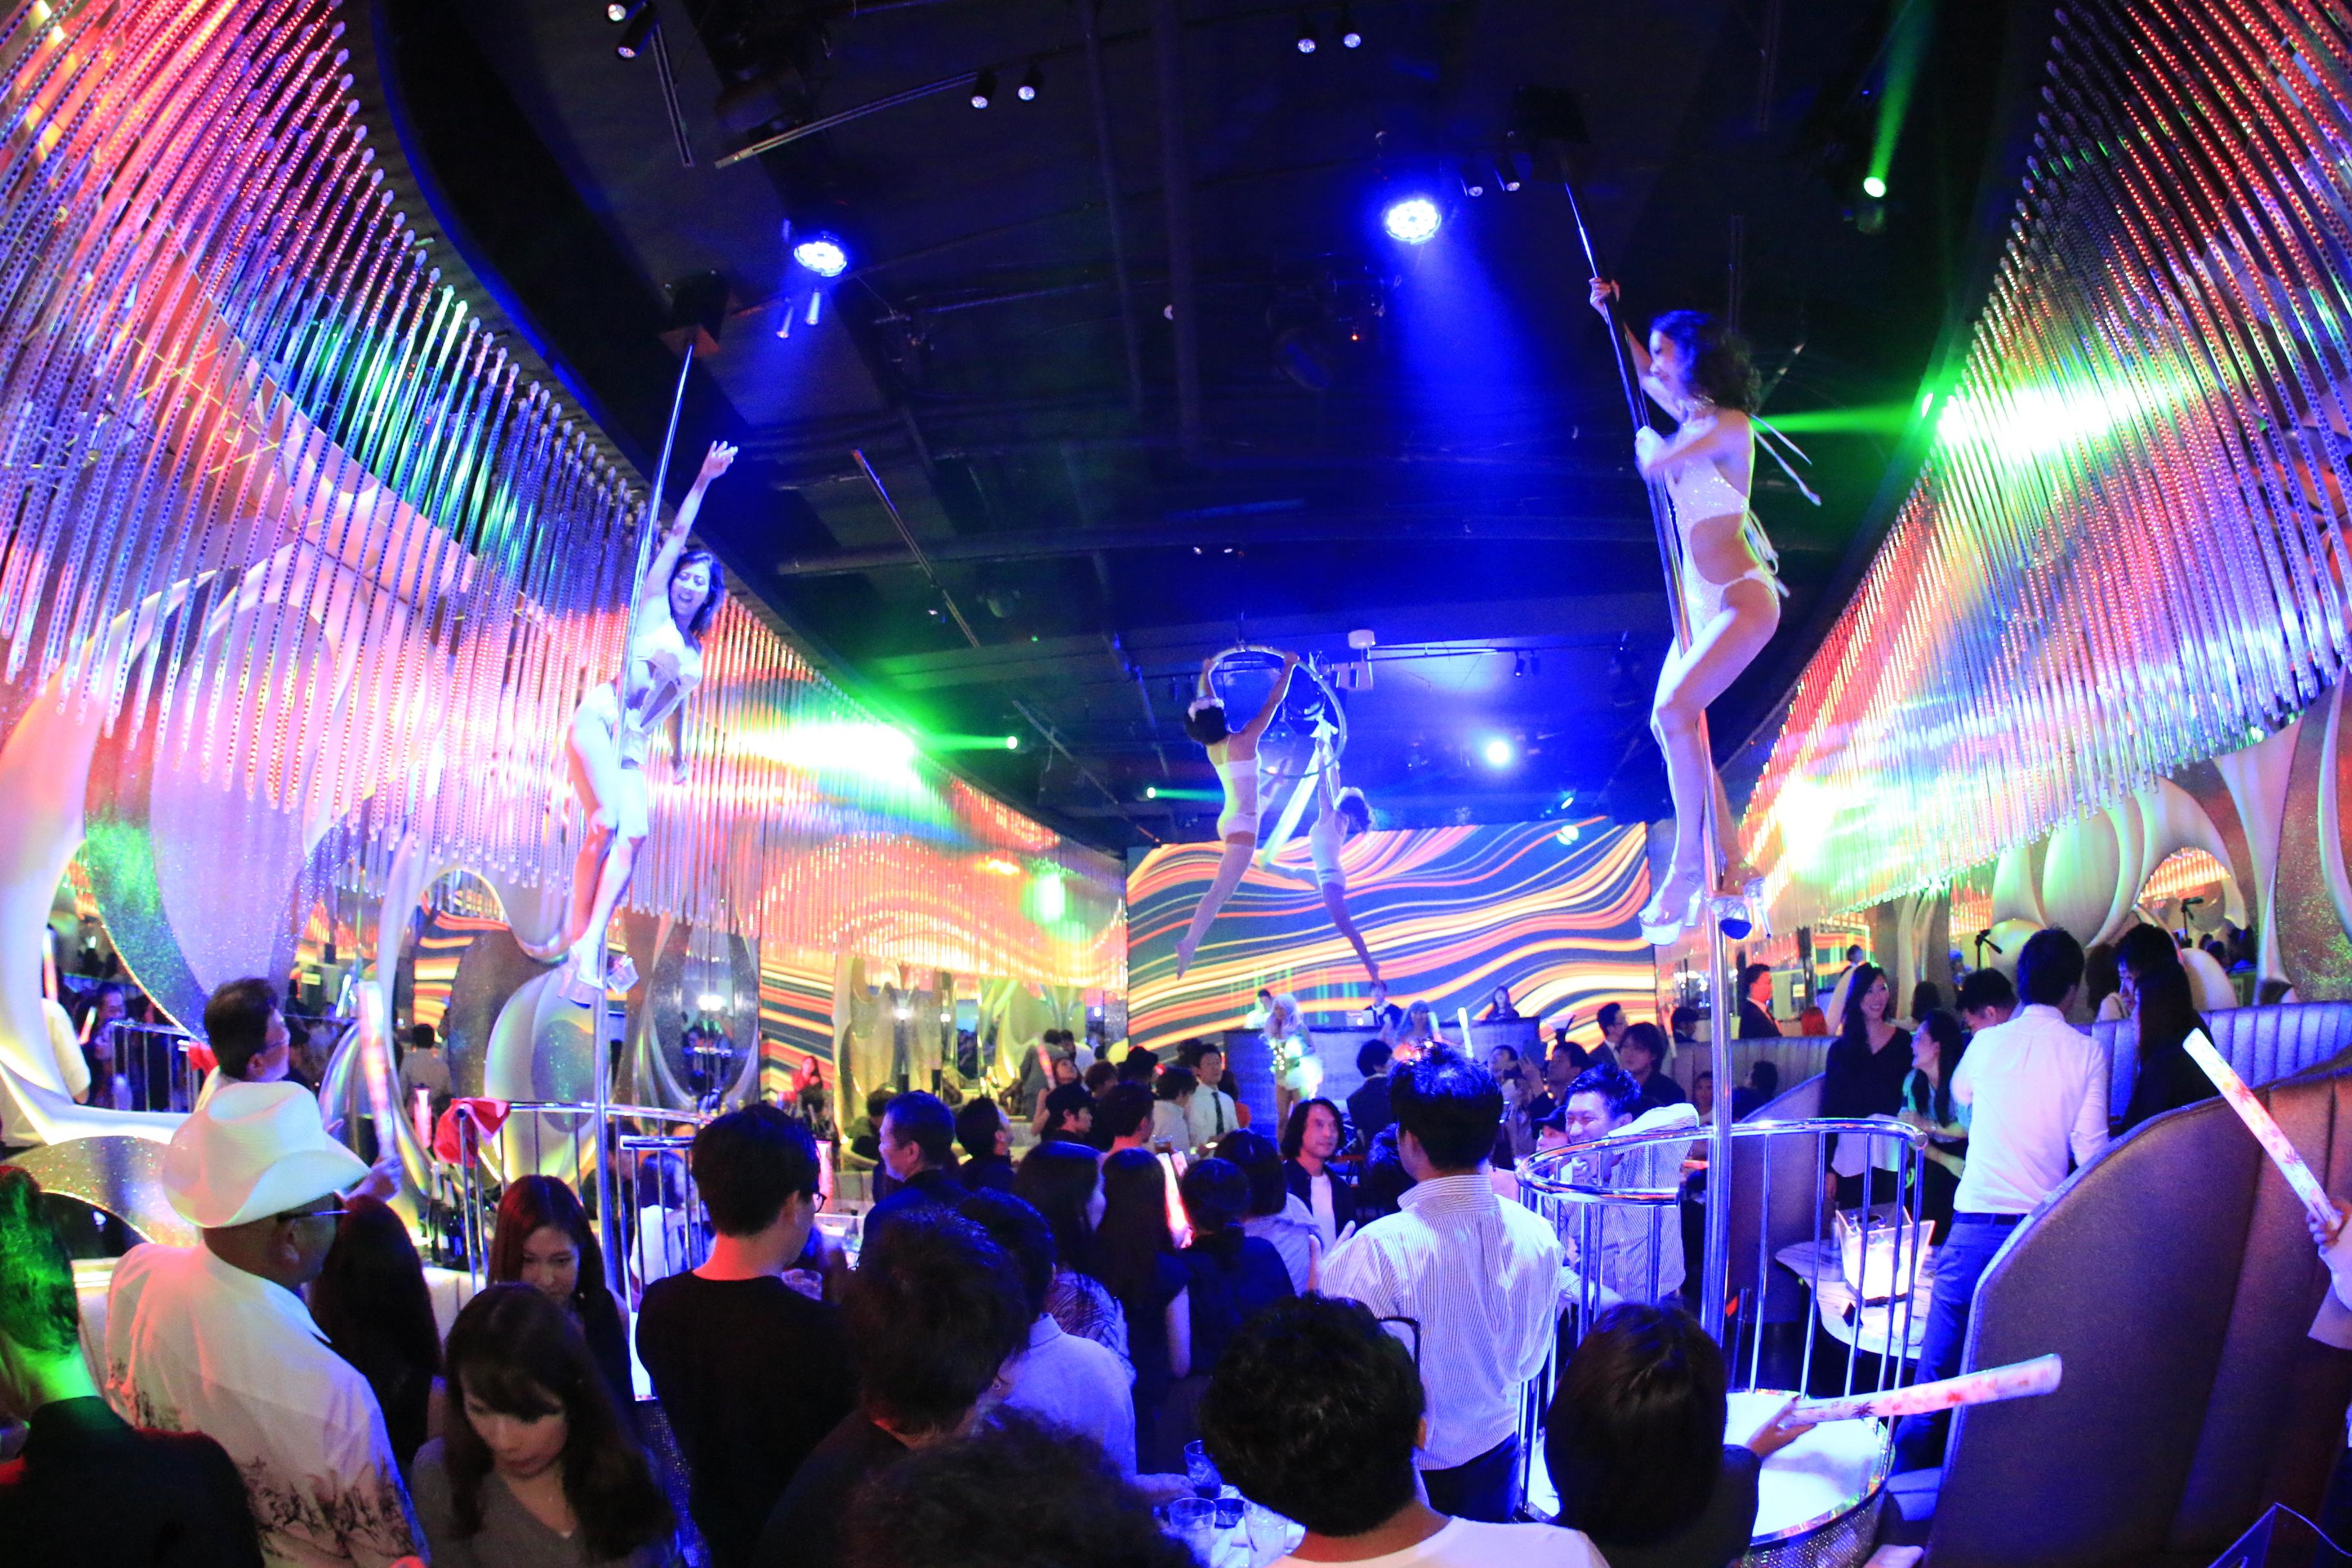 パーティースペース イベントスペースの室内の写真